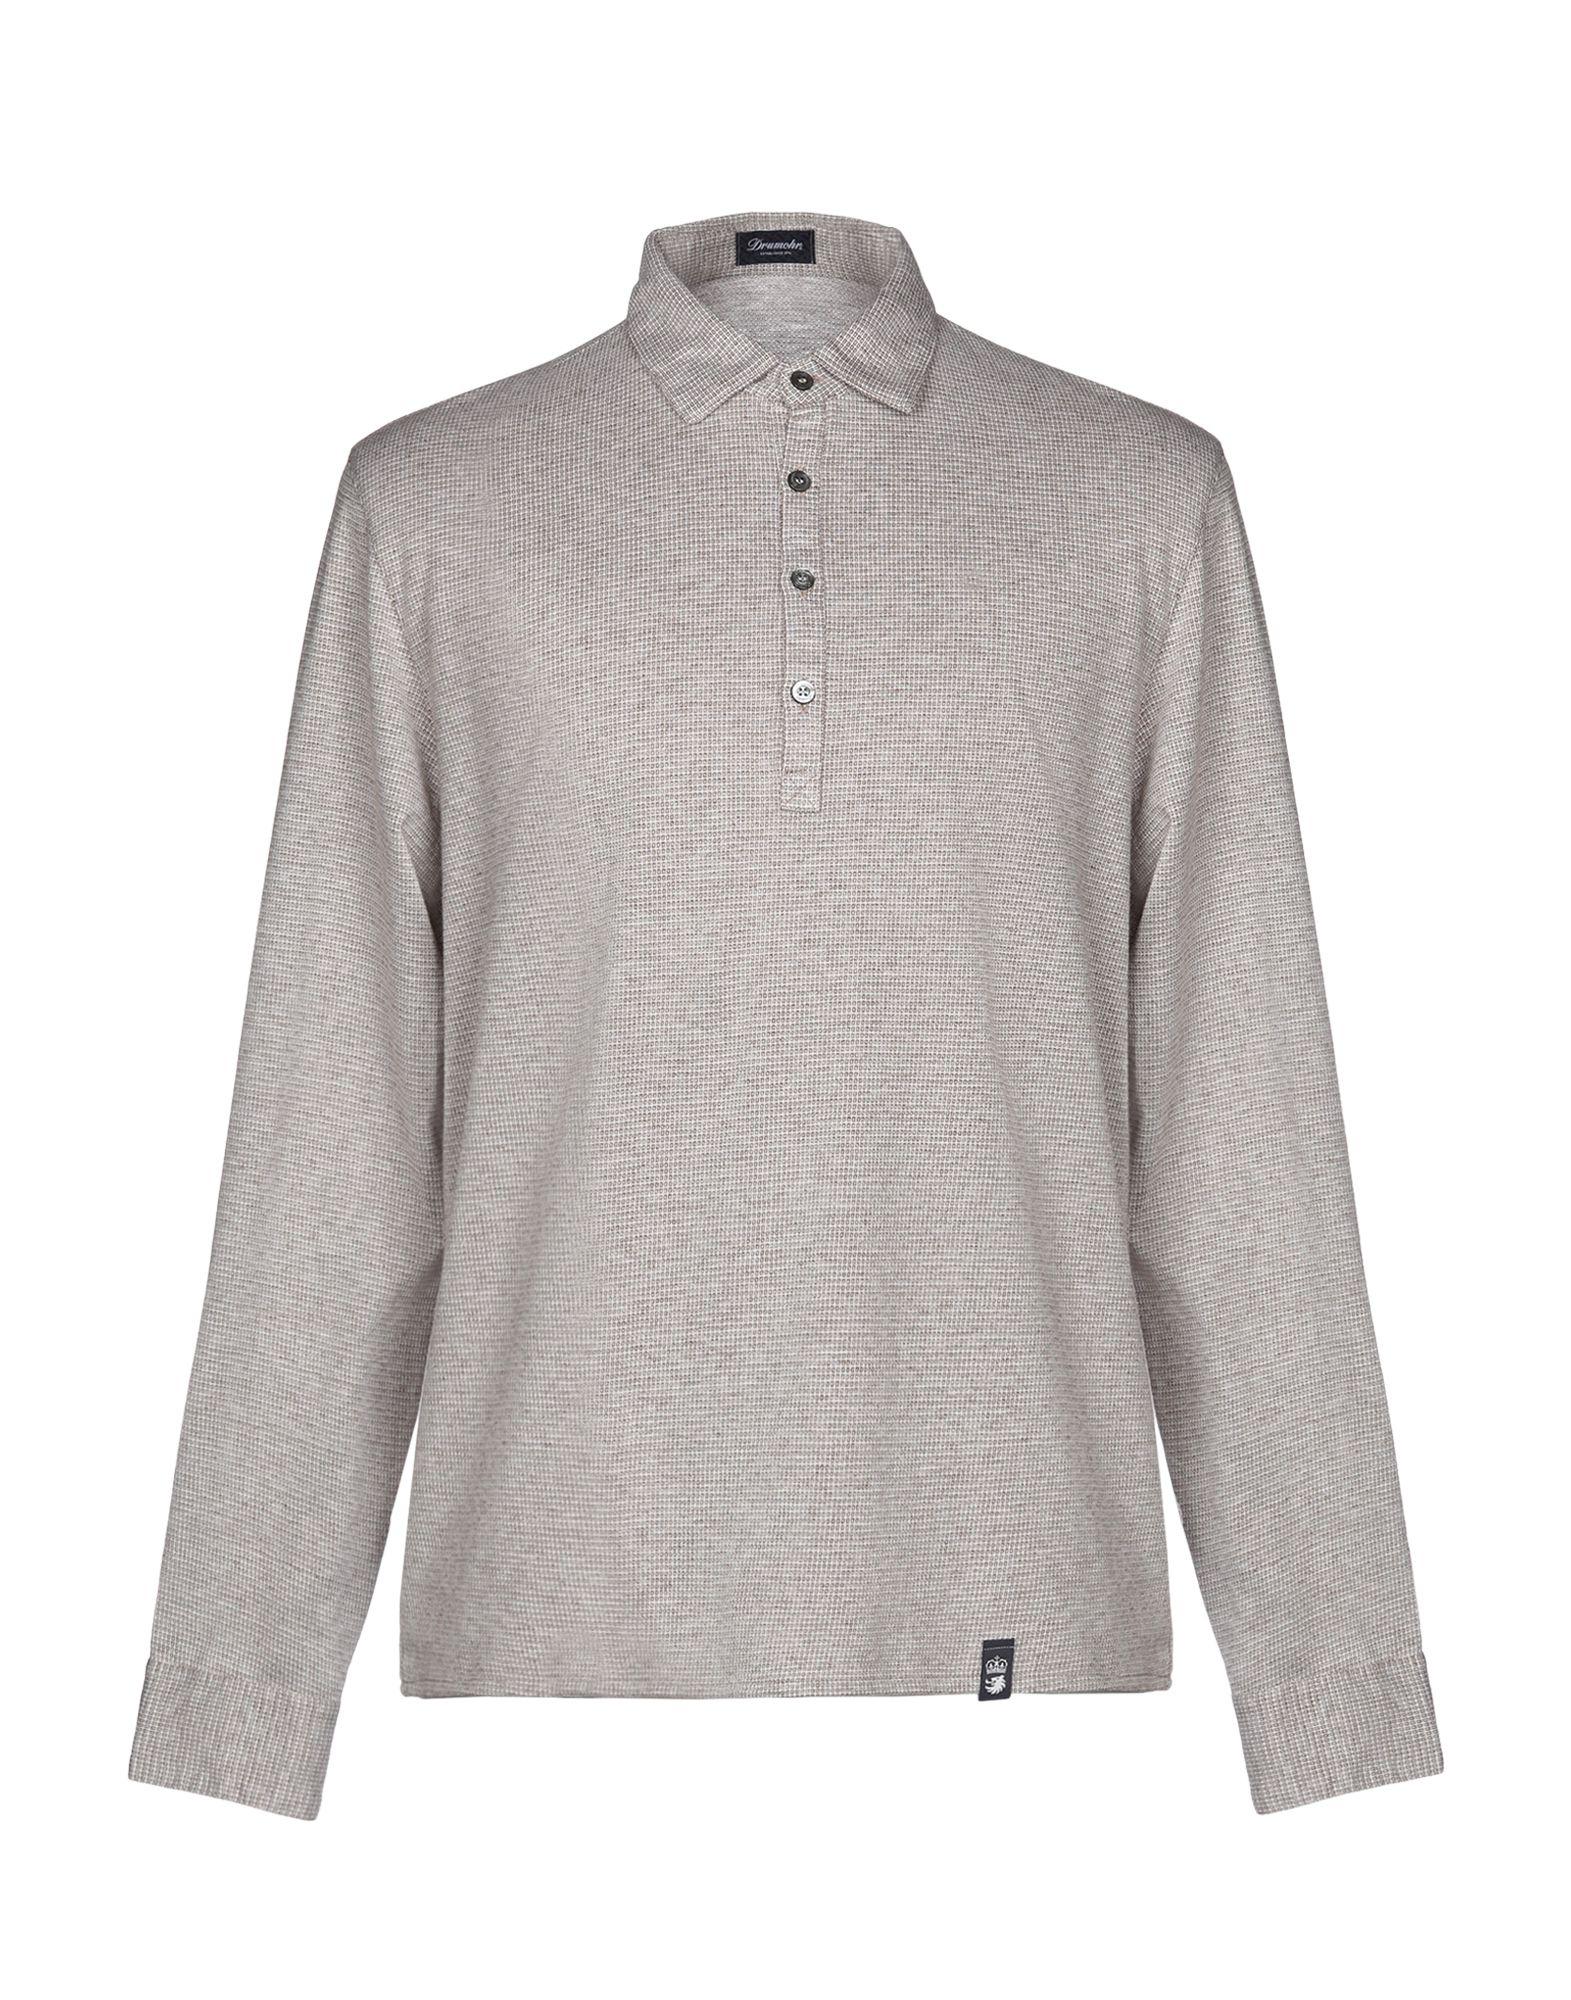 《送料無料》DRUMOHR メンズ ポロシャツ ベージュ S コットン 100%